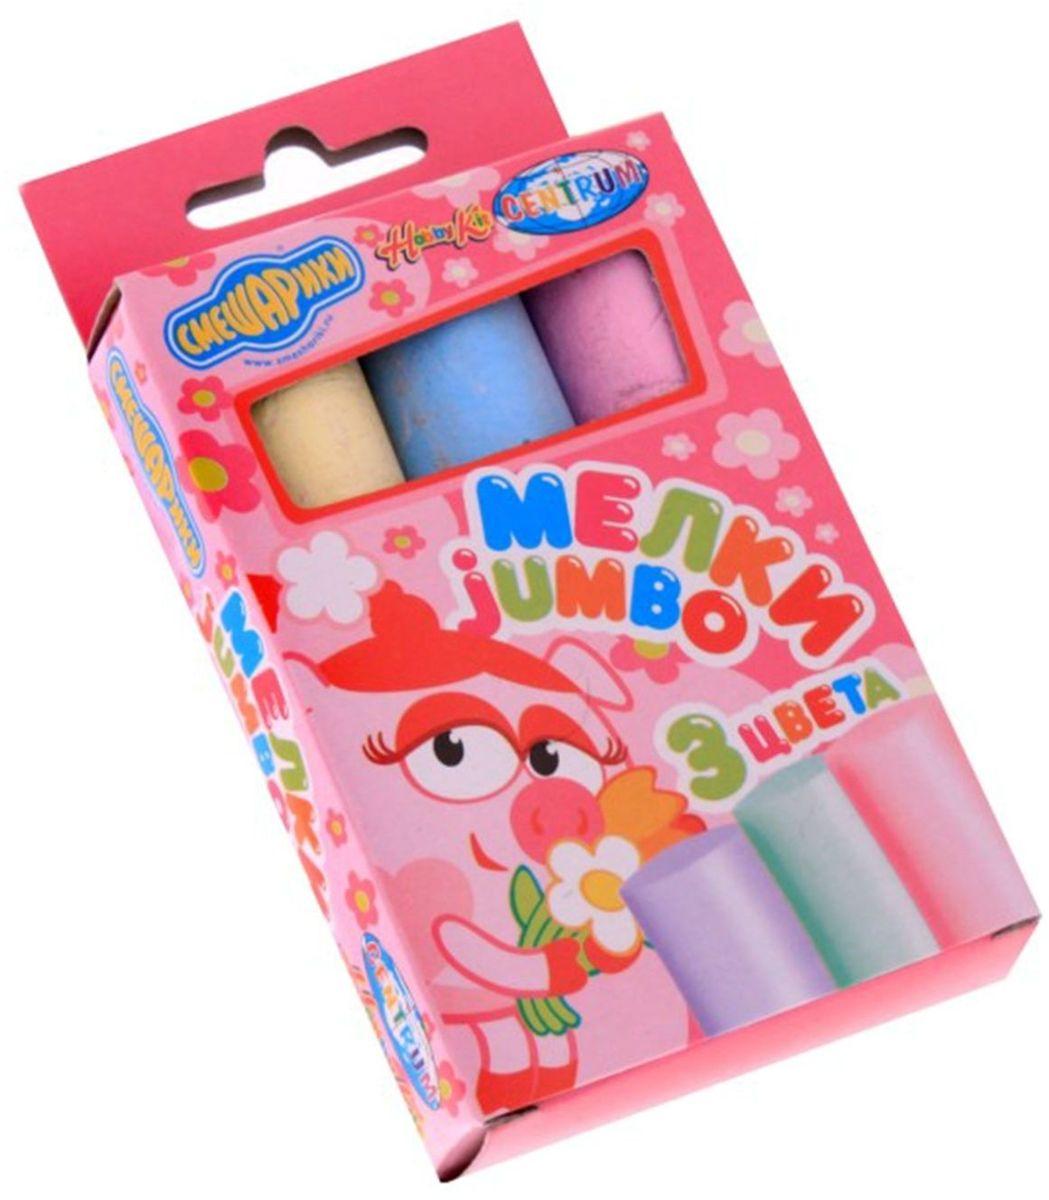 Смешарики Мелки 3 цвета493643Набор цветных мелков Смешарики поможет детям создавать яркие большие картины на асфальте и других шероховатых поверхностях, развивая их творческие способности, воображение, цветовосприятие и моторику рук. В набор входит 3 цветных мелка с удобным круглым сечением. Мелки имеют яркие цвета, прочны, устойчивы к стиранию.